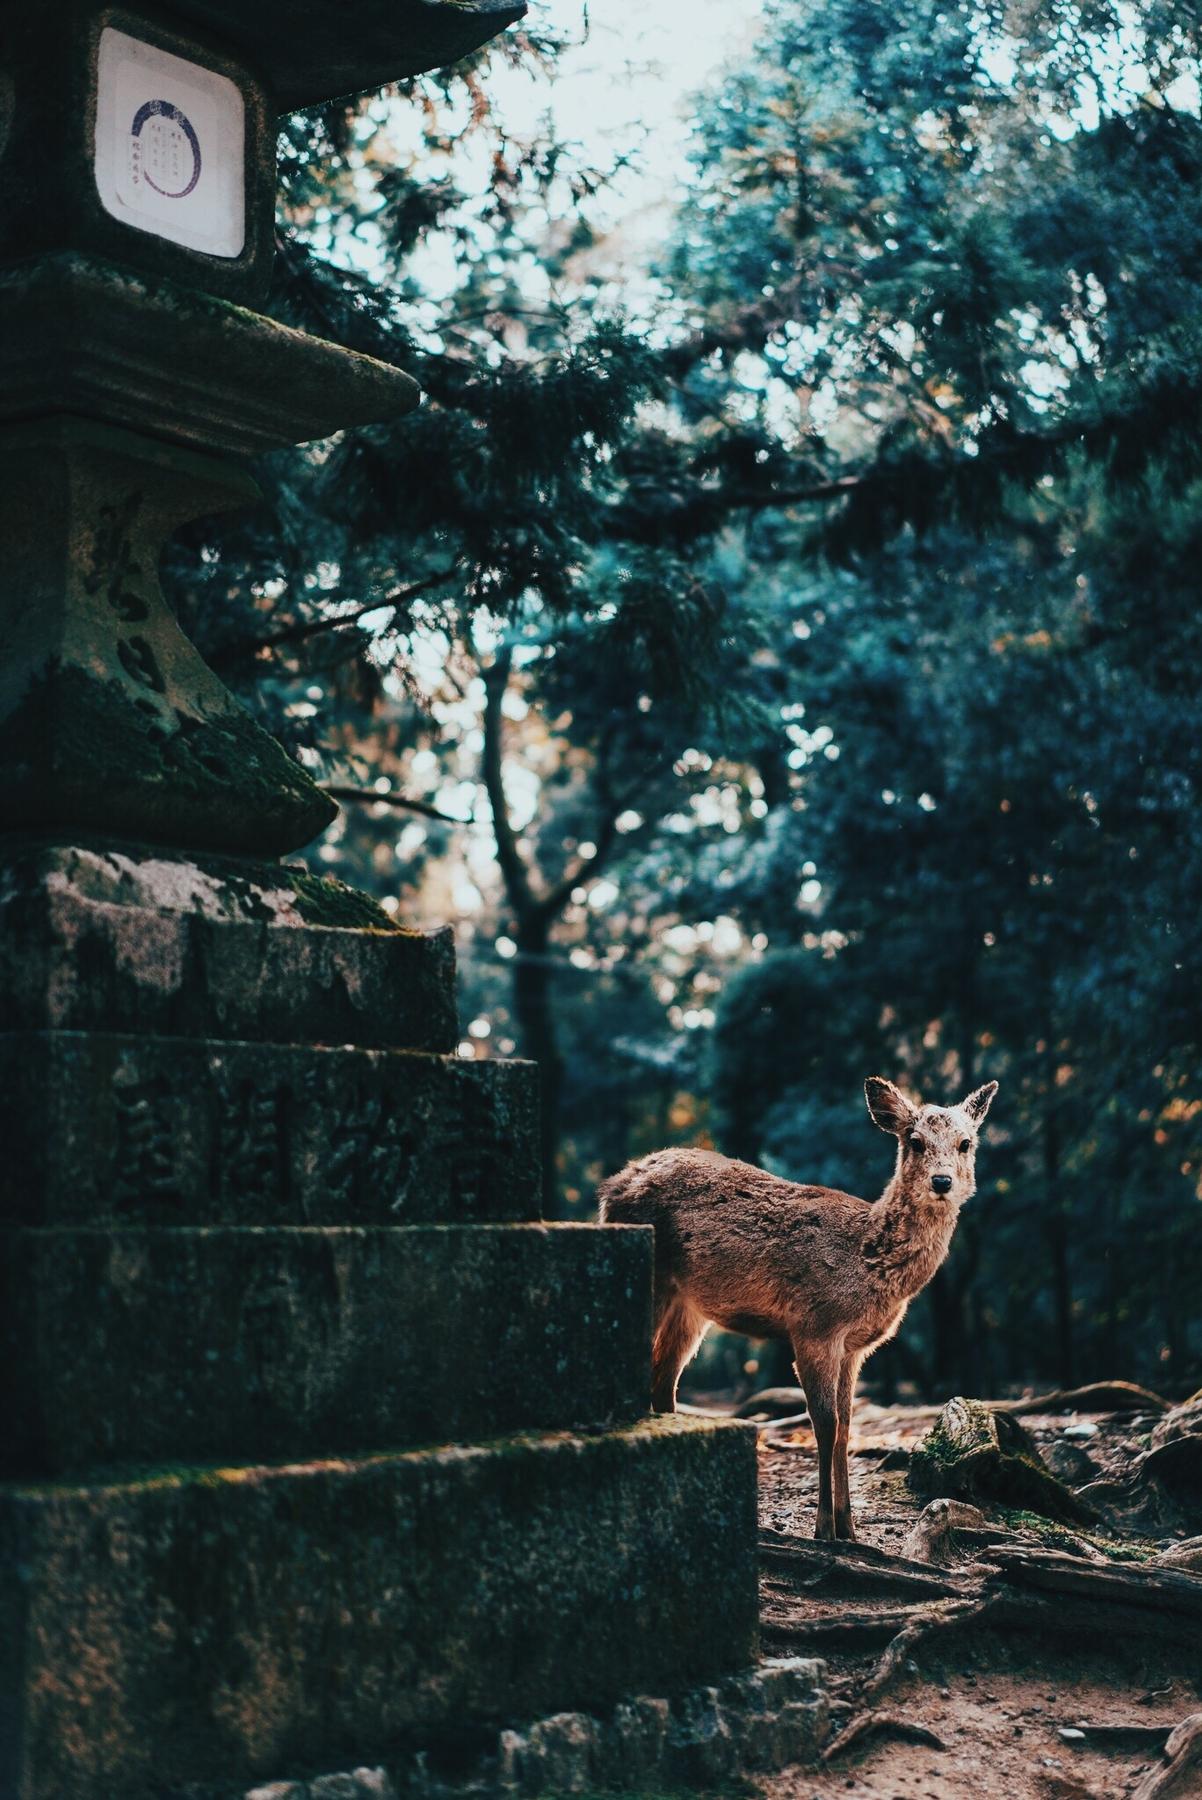 Ελάφι δίπλα στο Πάρκο Nara της Ιαπωνίας - συμβουλές για βιώσιμο τουρισμό